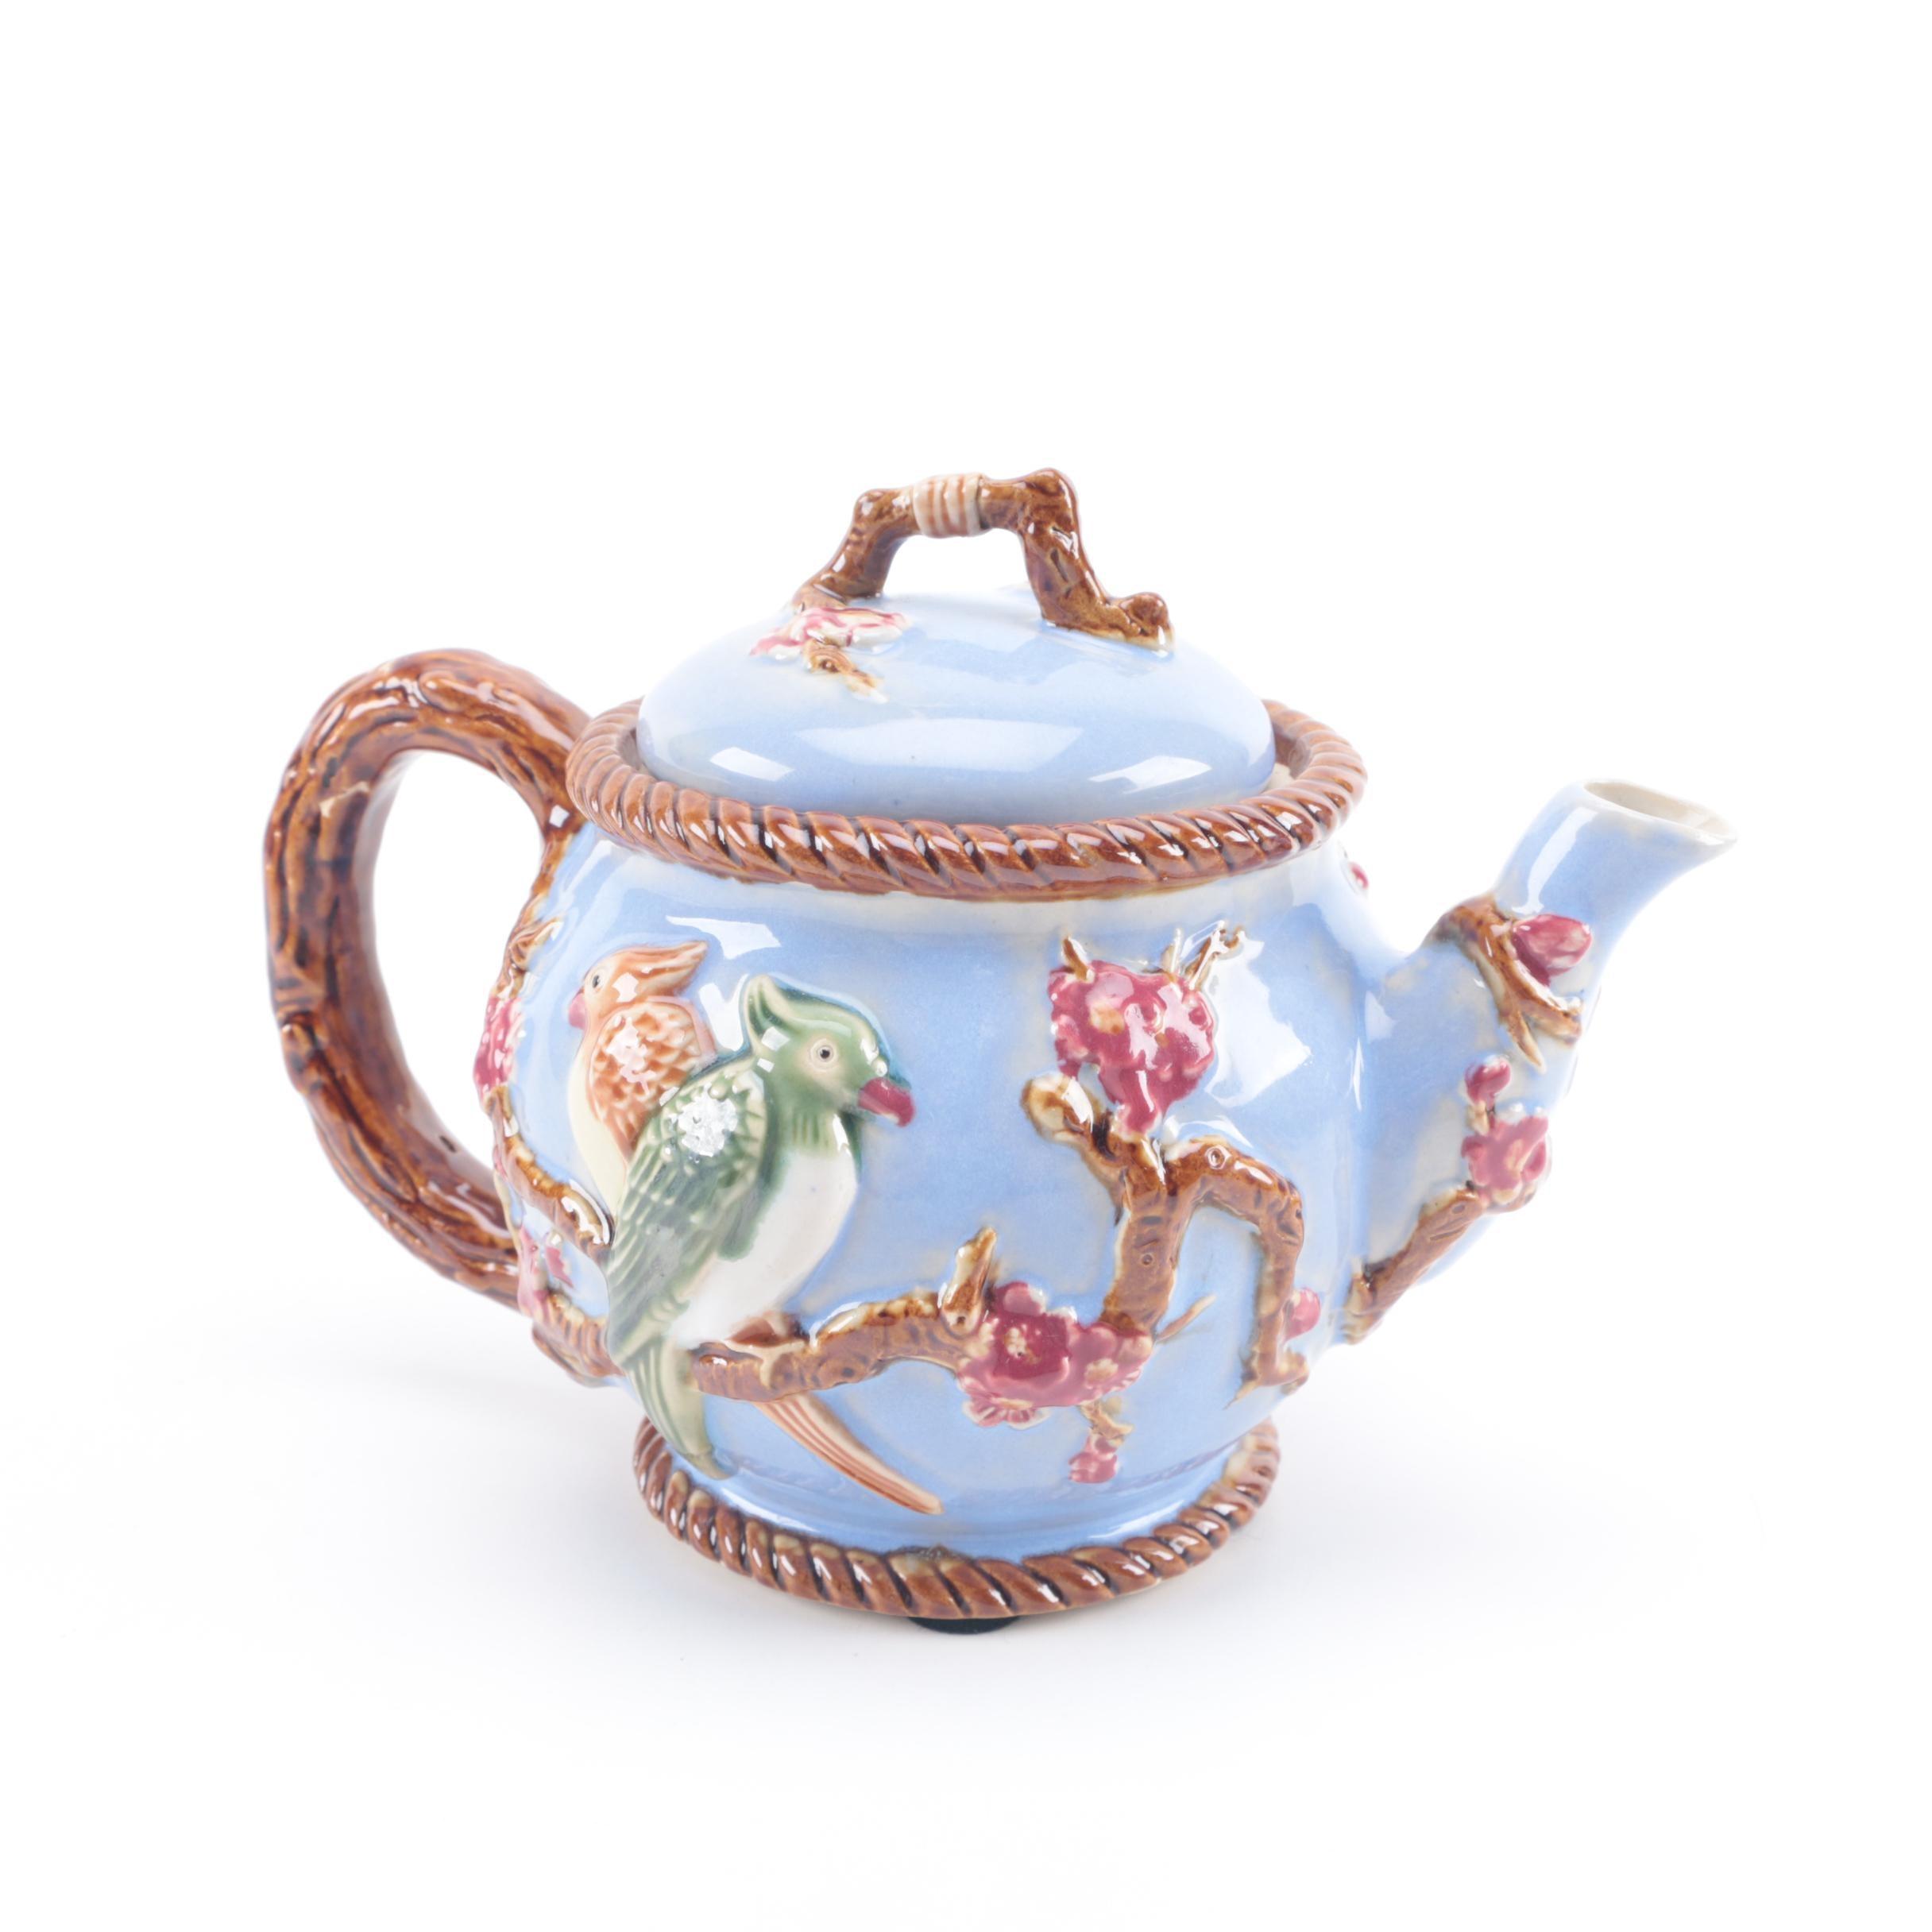 Decorative Ceramic Teapot